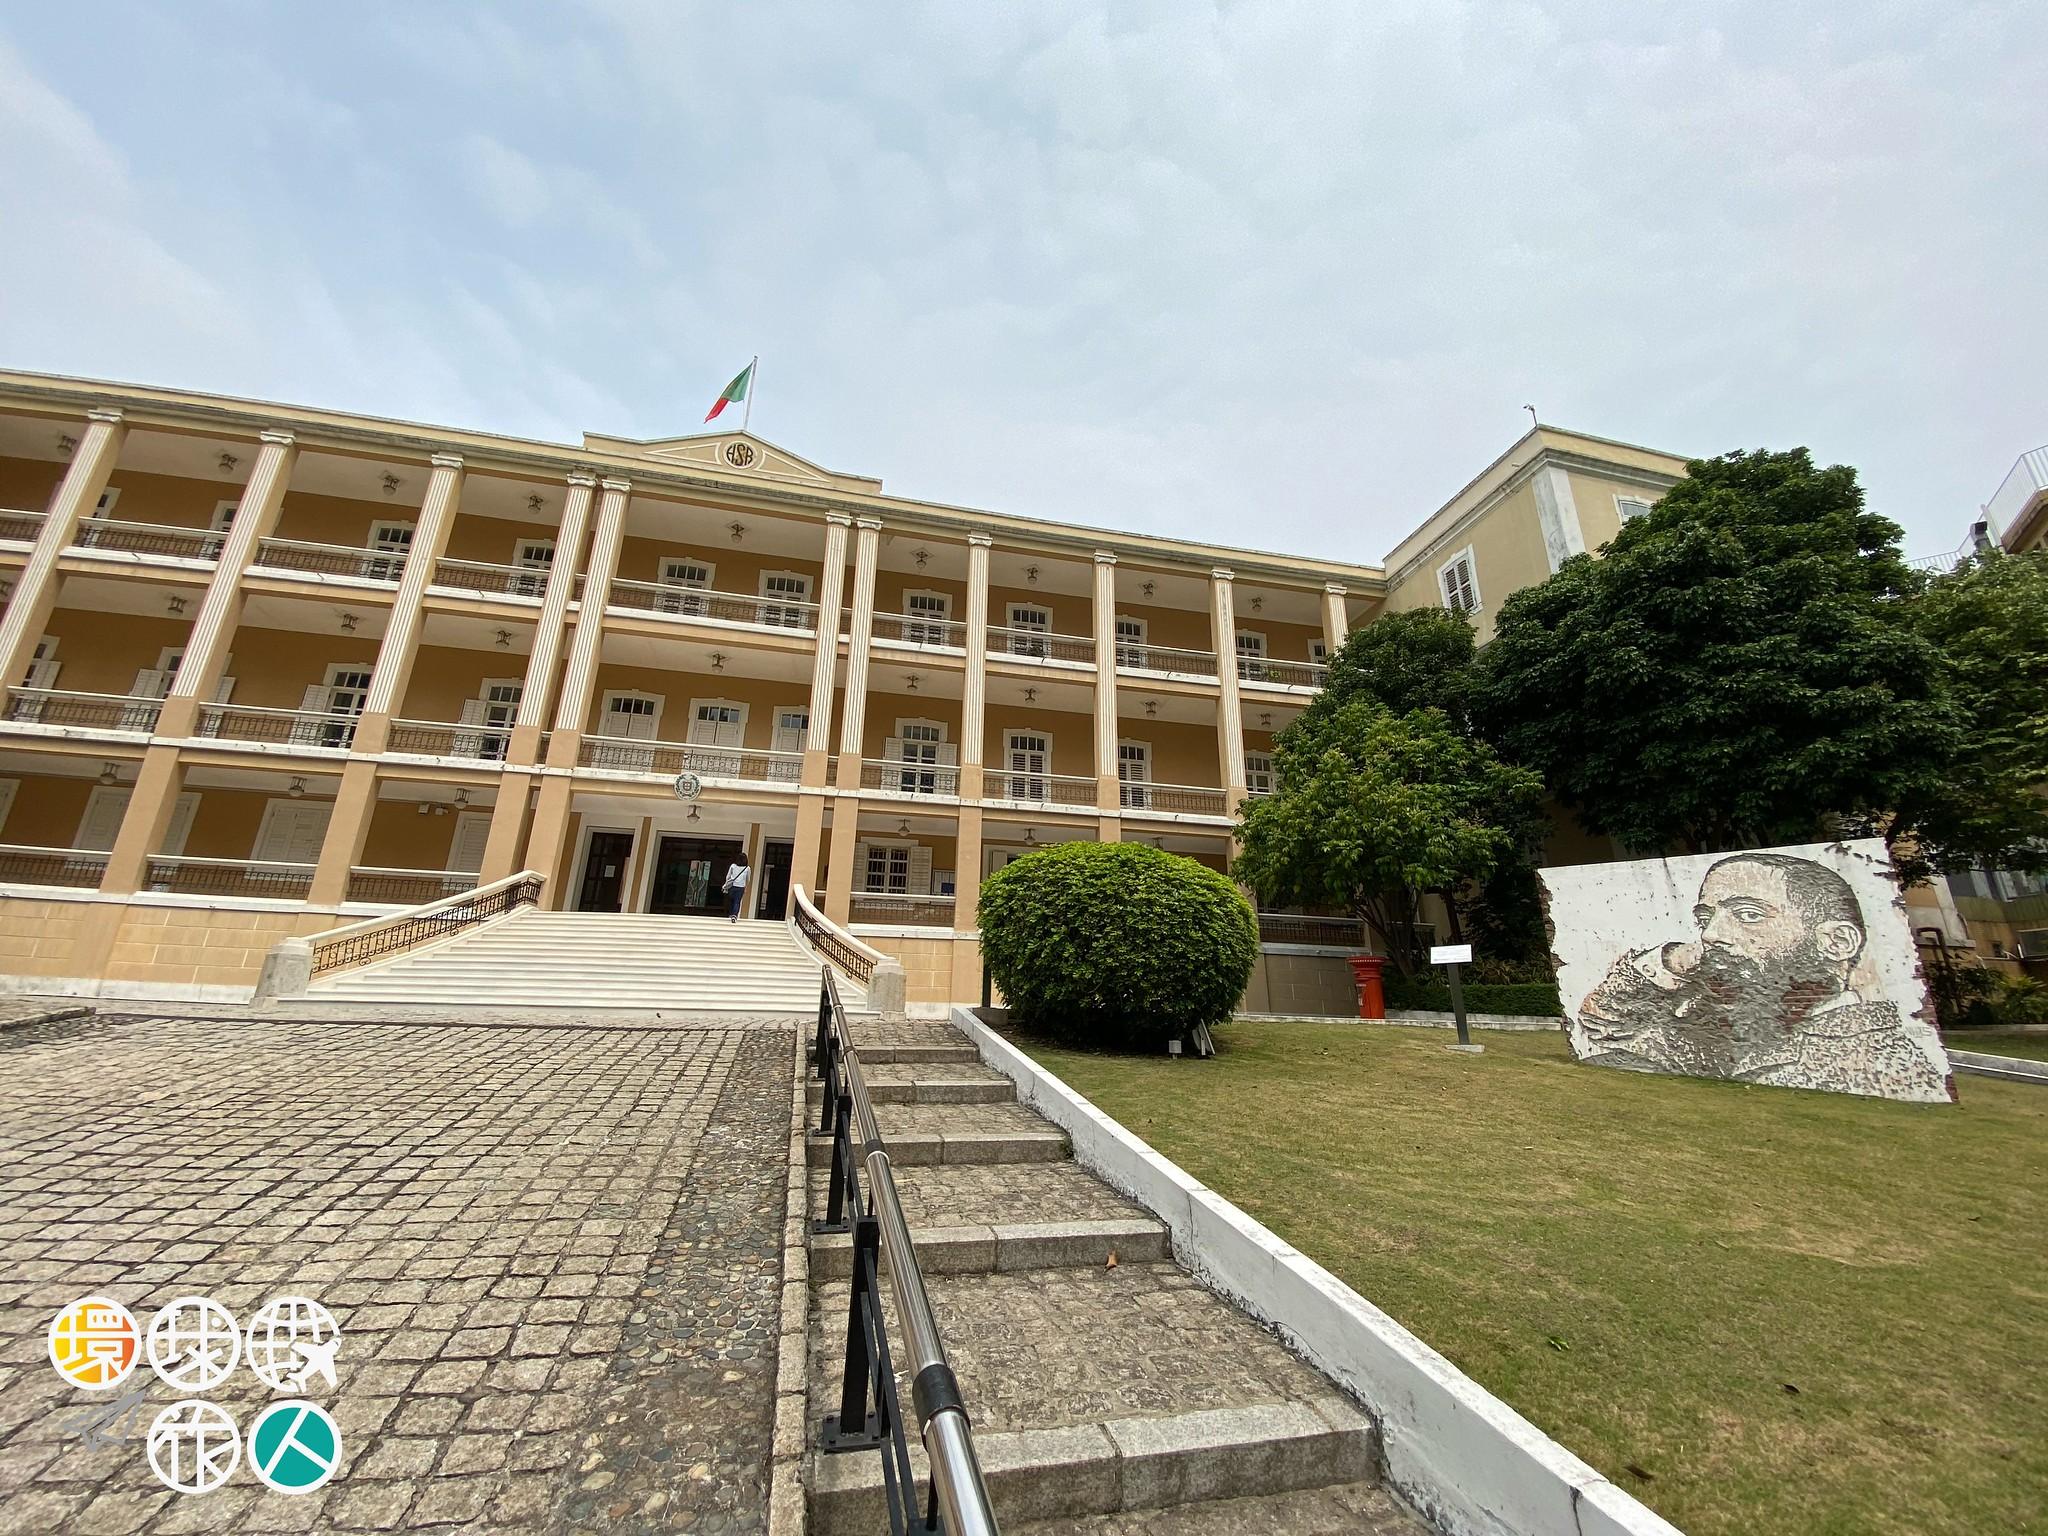 葡萄牙領事館 - 環球旅人